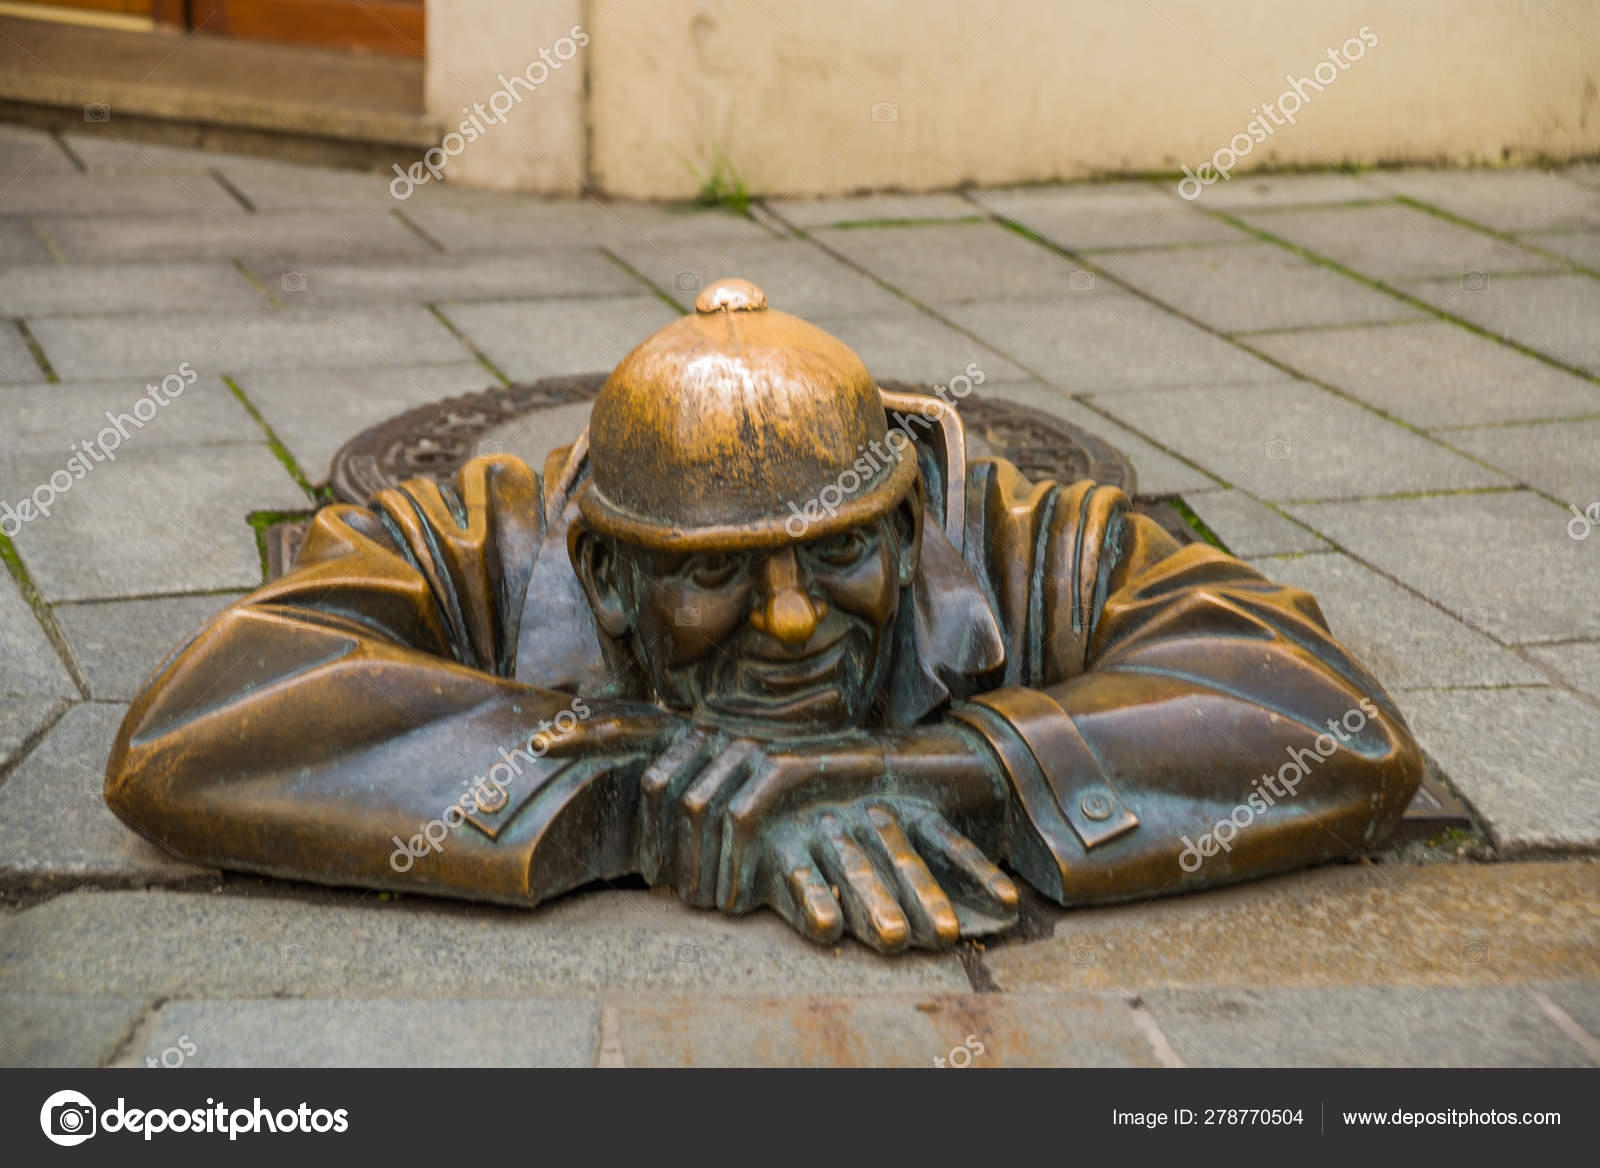 Bratislava Slovakia Bronze Sculpture Of Plumber In